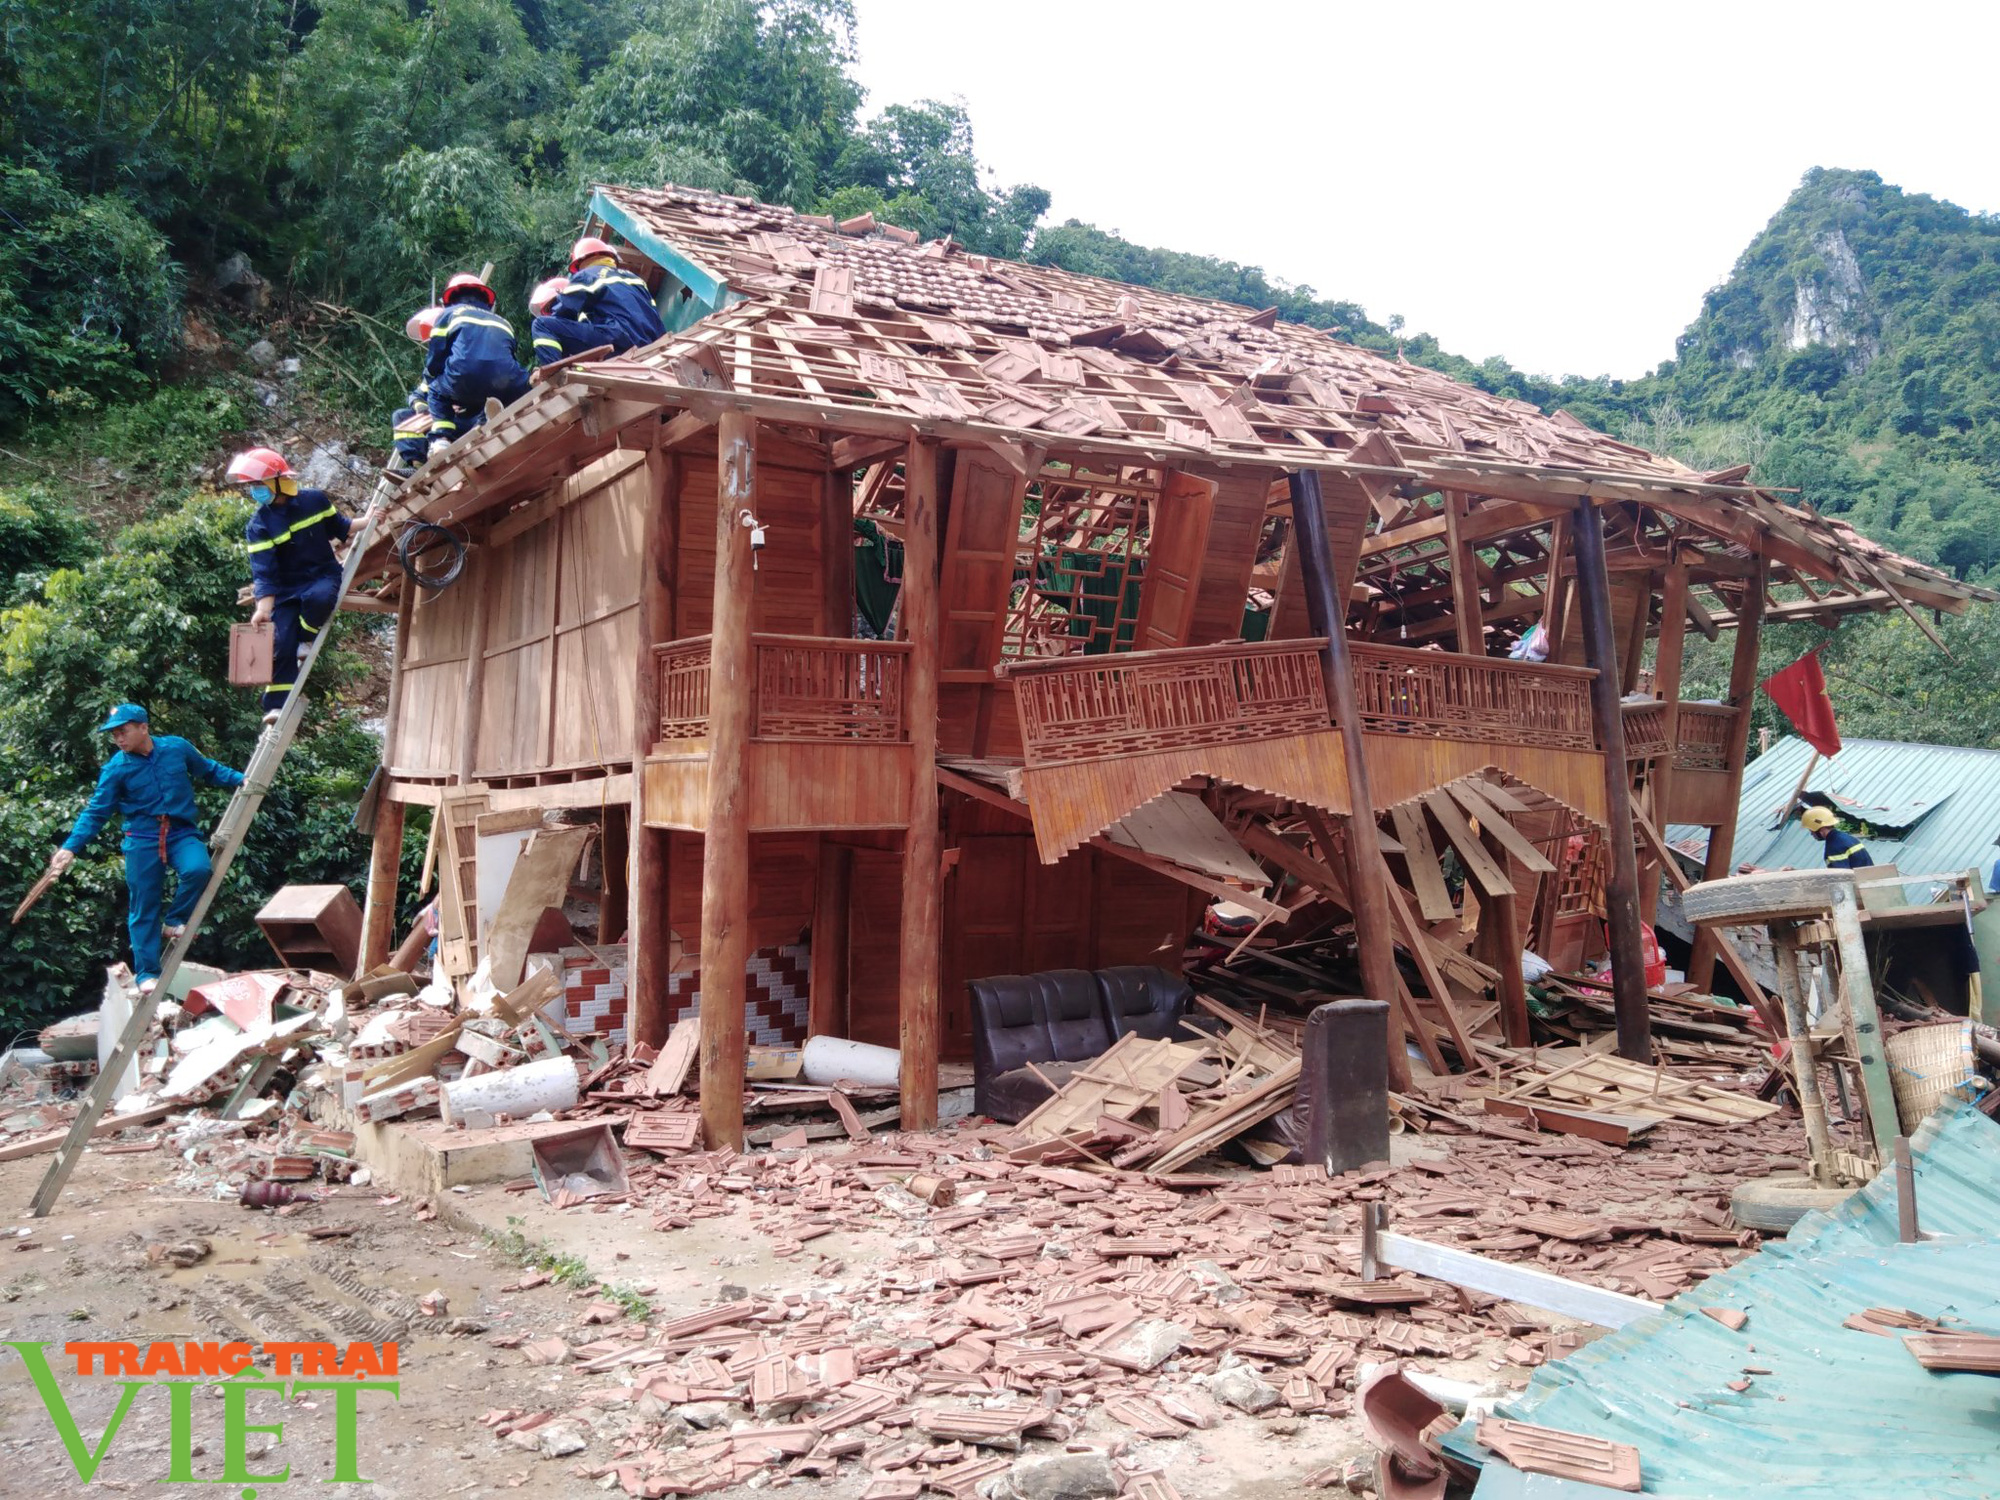 Thành phố Sơn La: Phòng chống nguy cơ đá lăn trước mùa mưa, lũ - Ảnh 1.